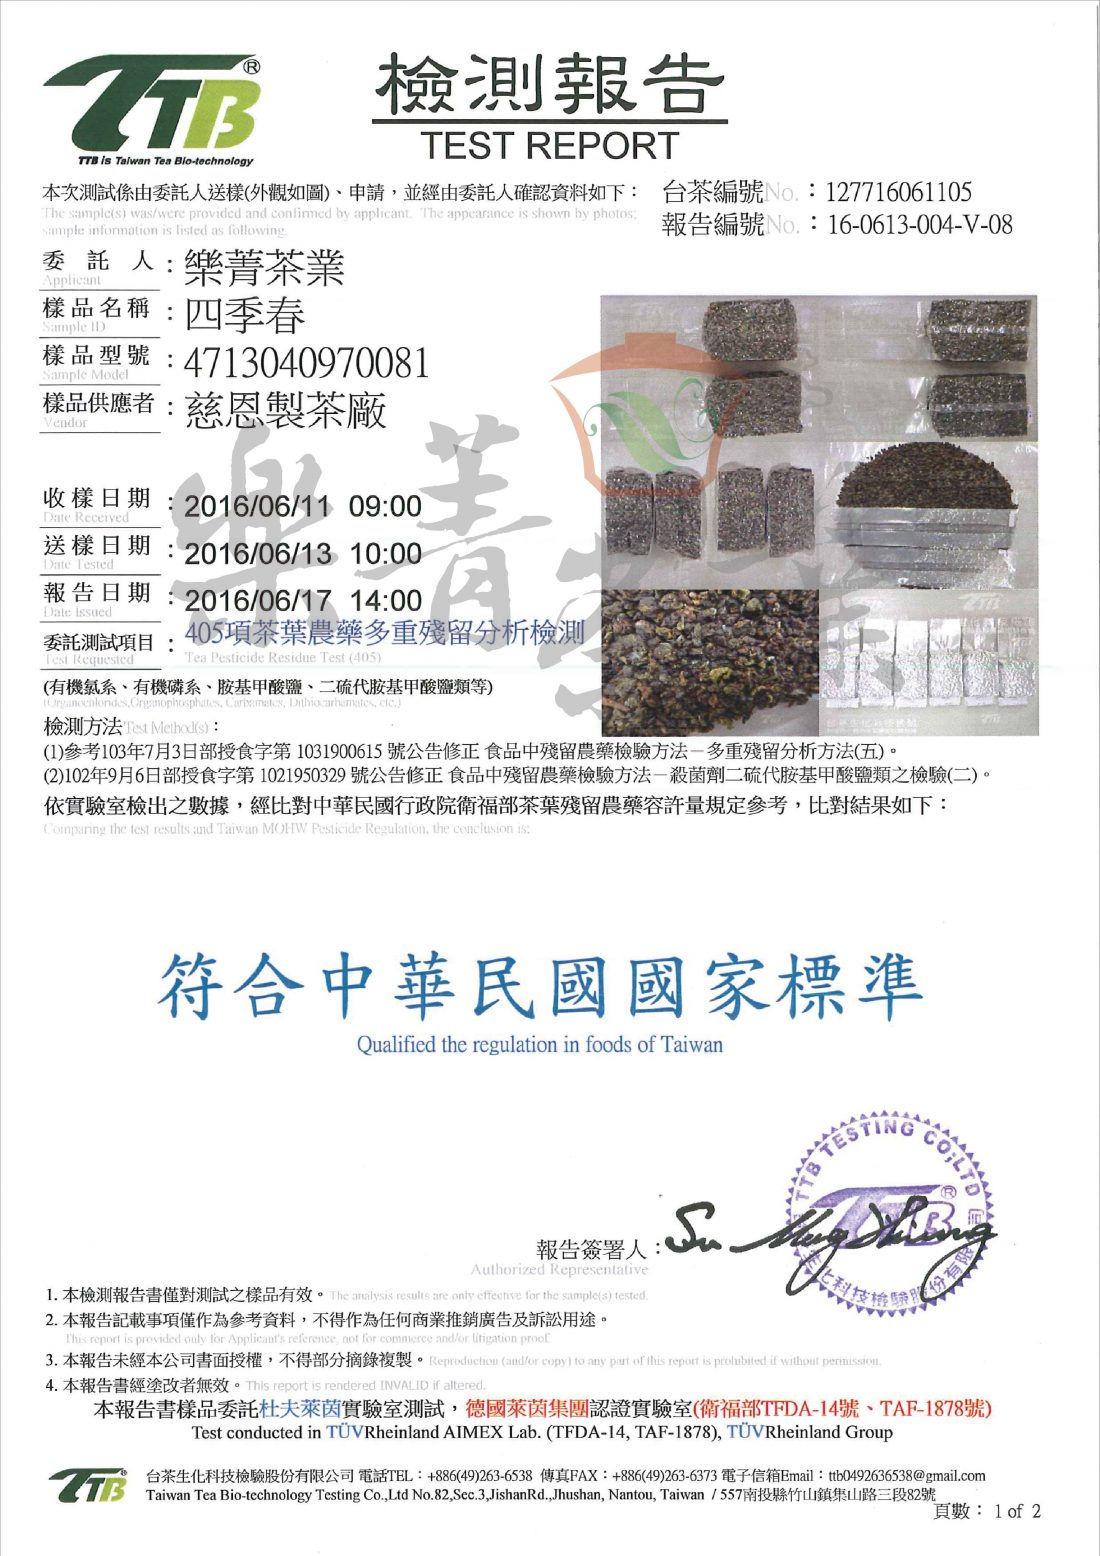 四季春-405項茶葉農藥殘留檢驗報告